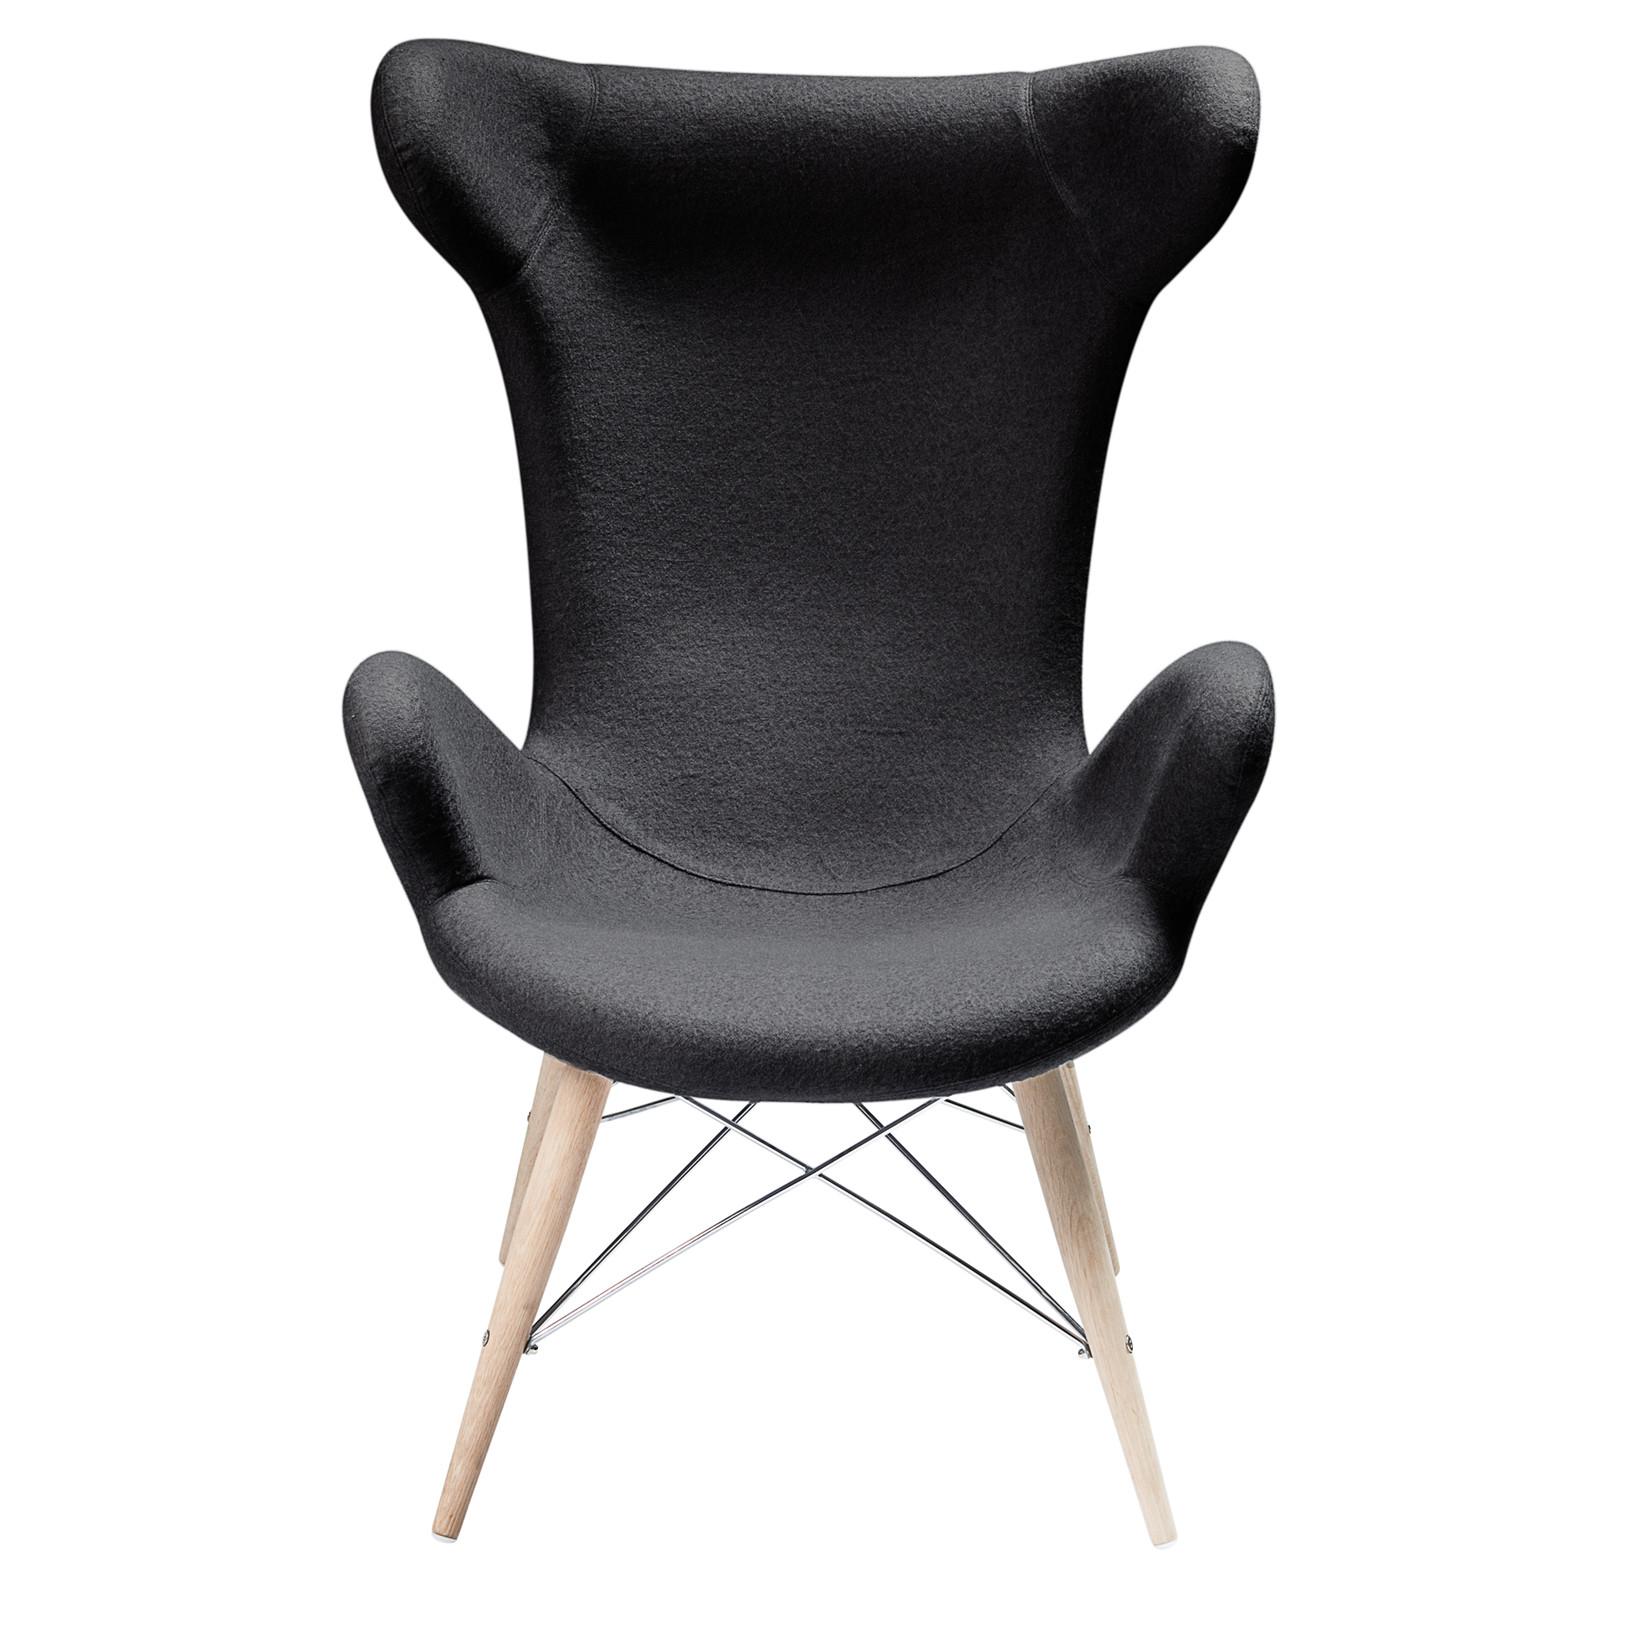 52e805d5 VICTOR loungestol uldfilt sort » Køb her